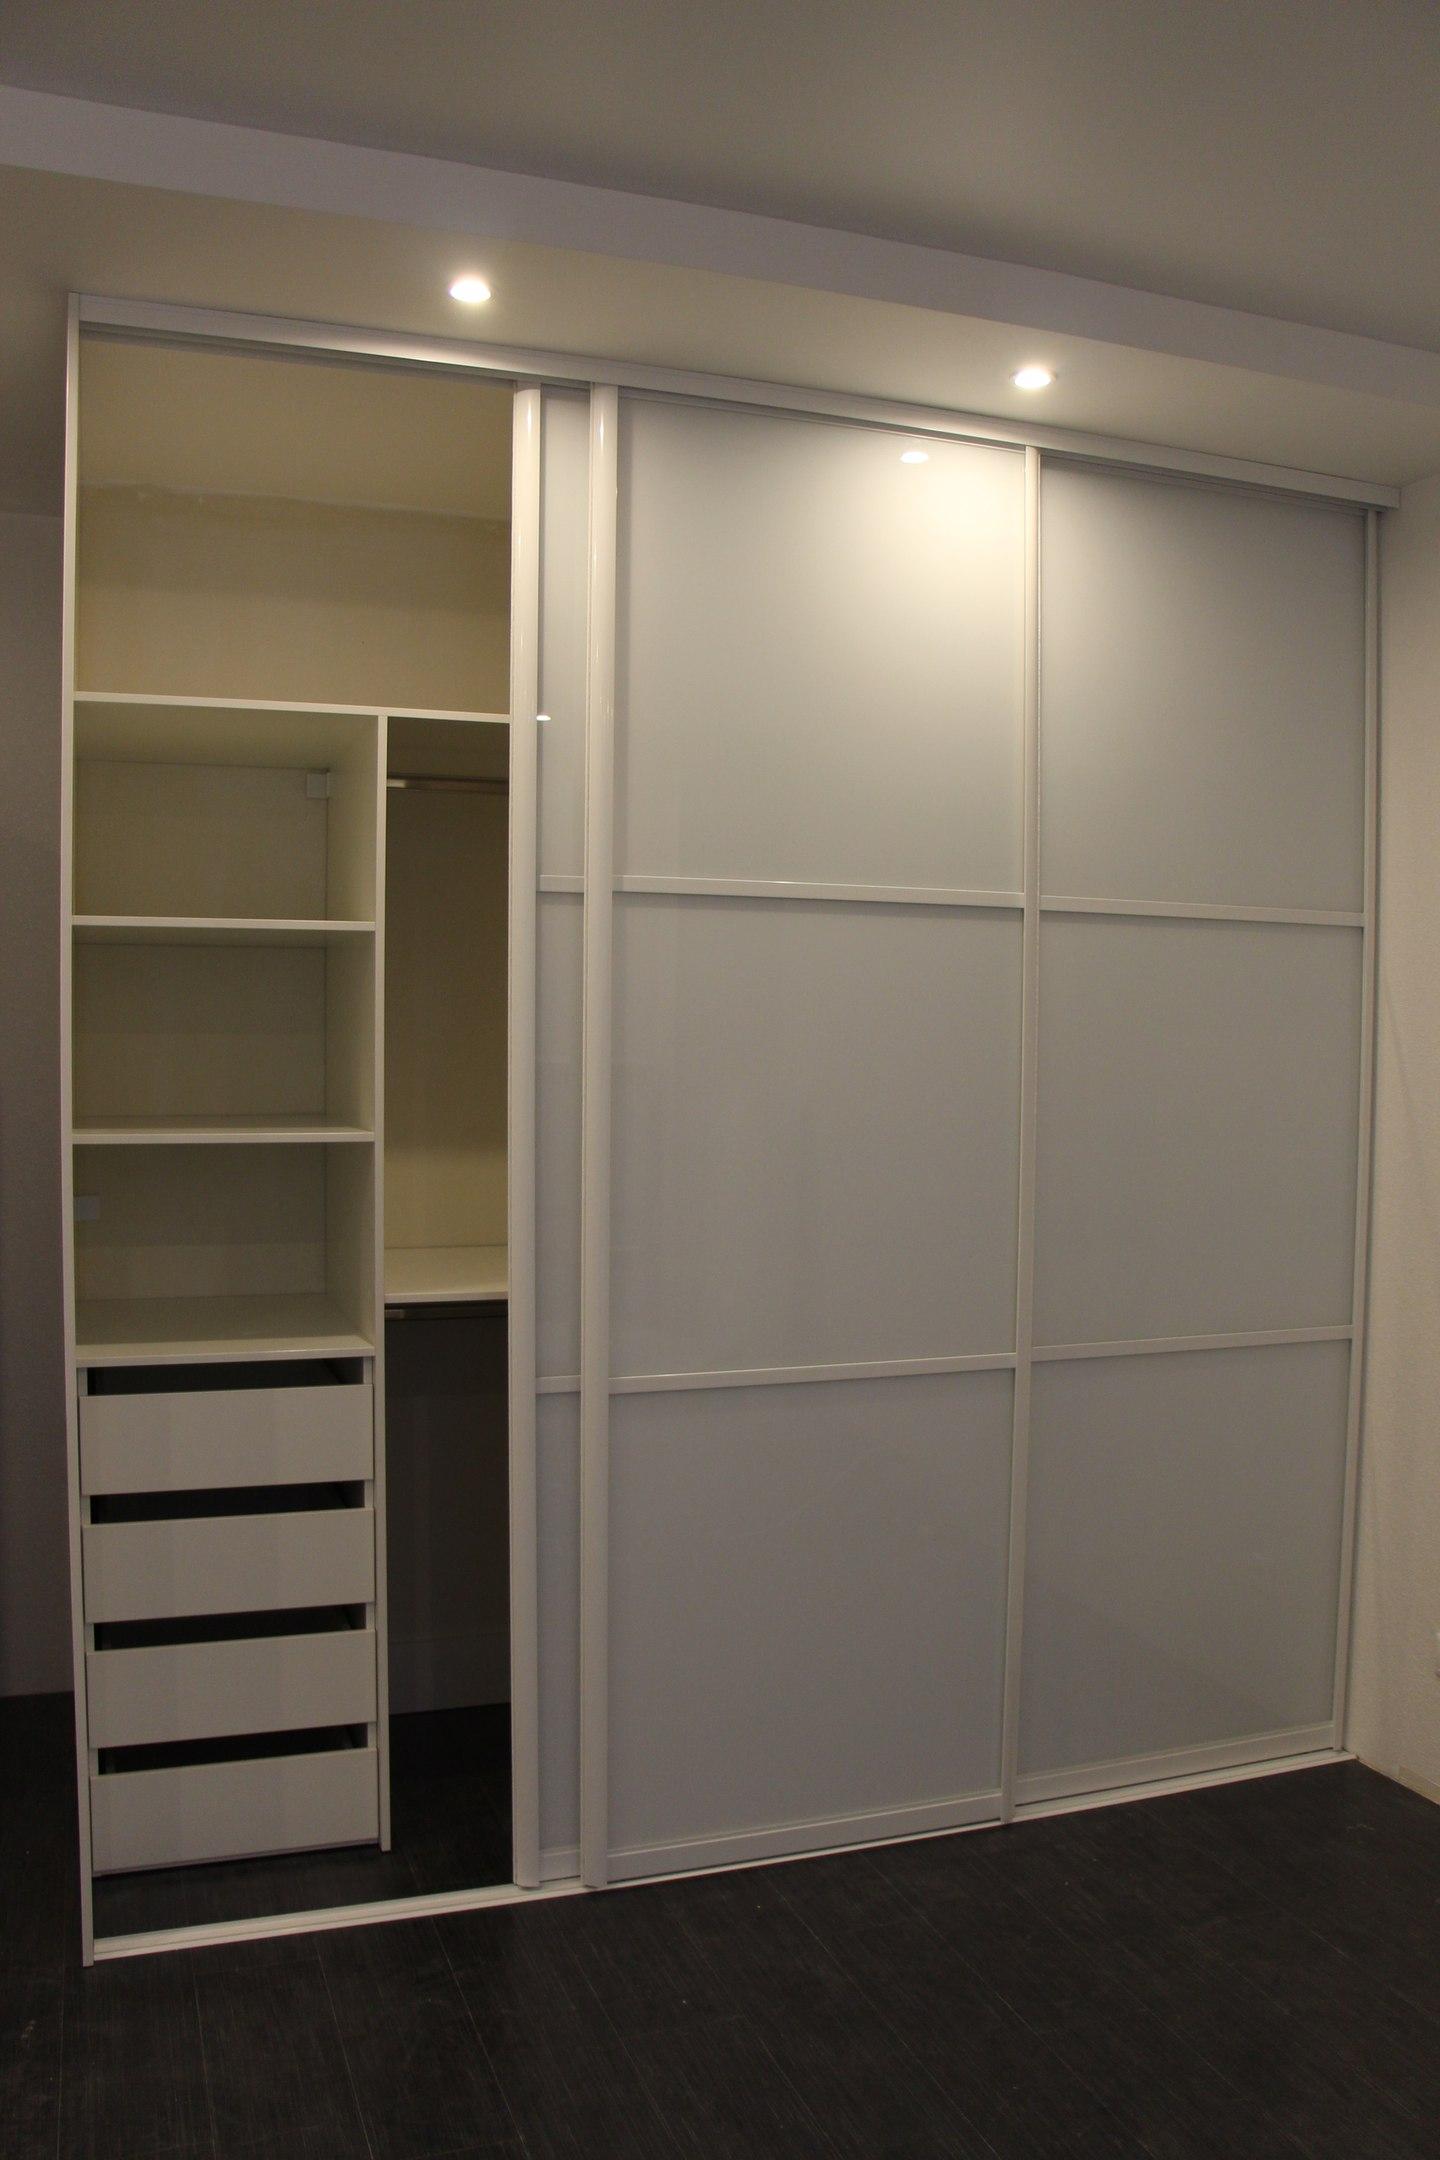 Слева и справа секции шкафа с удобными выдвижными ящиками и полками